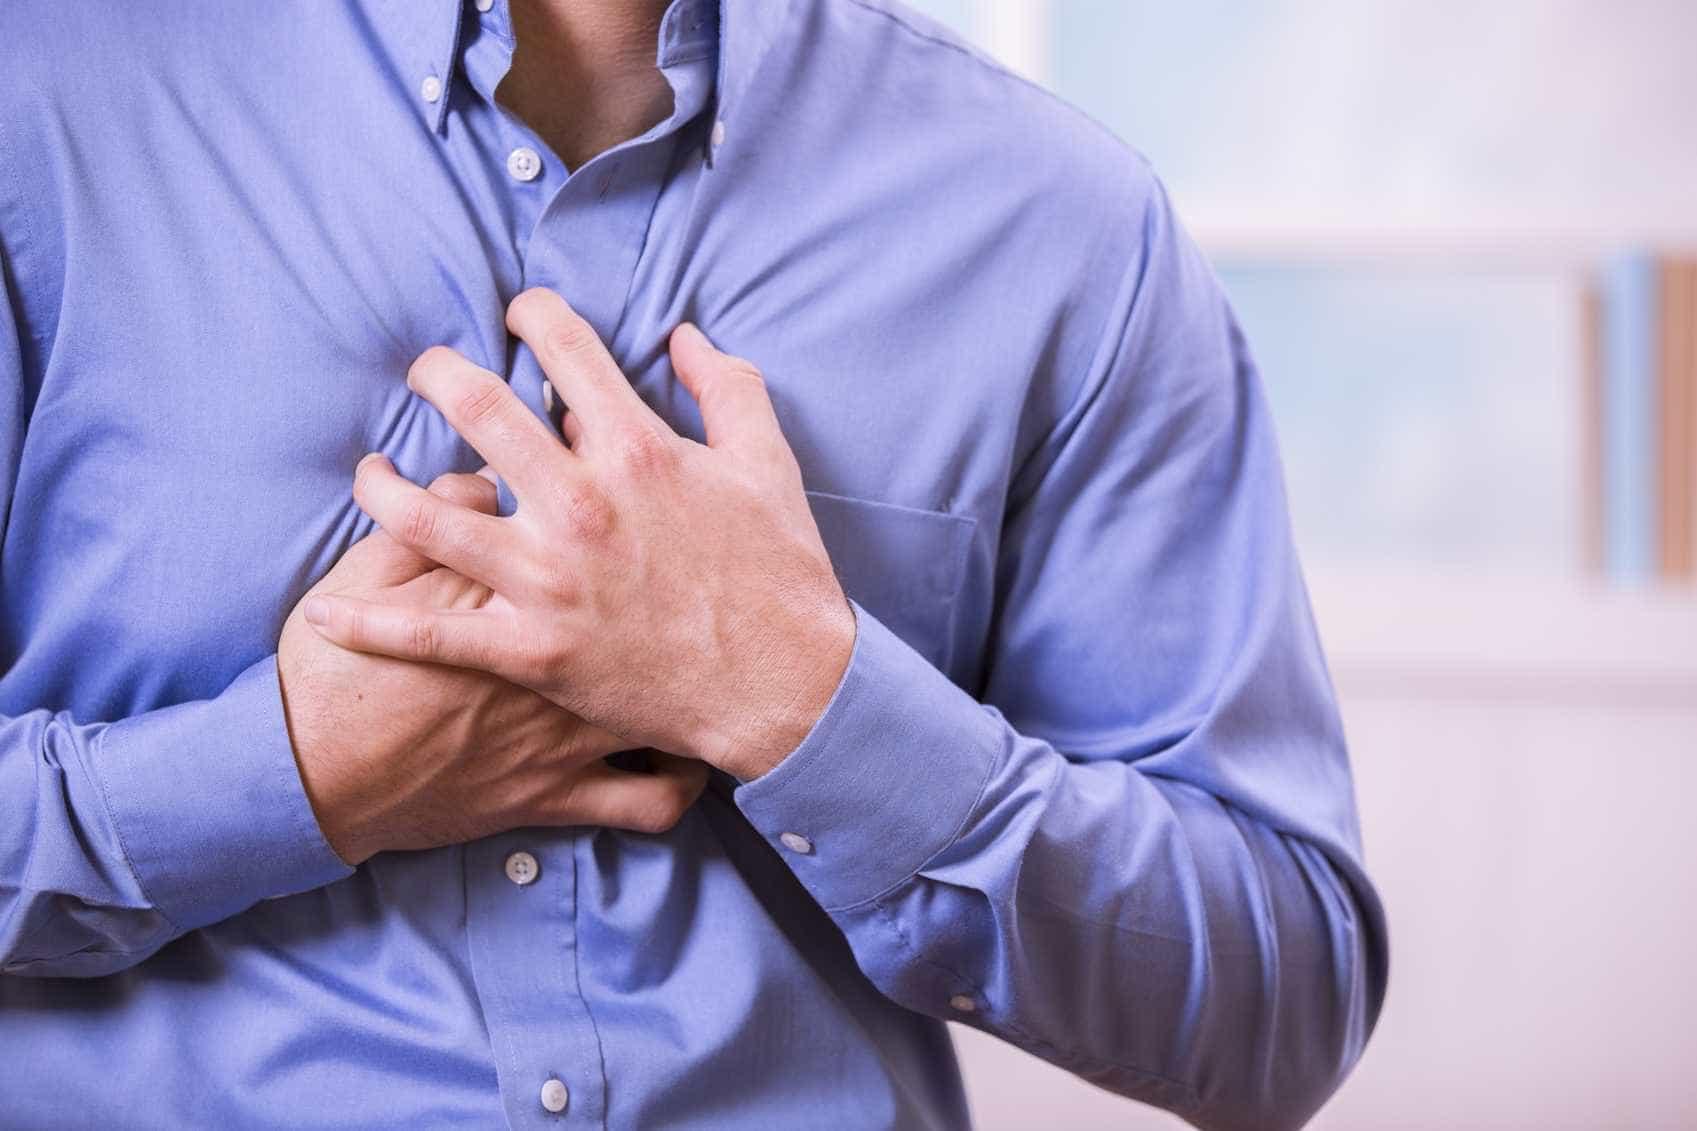 Tensão muscular, dor no peito e insônia são sintomas da ansiedade